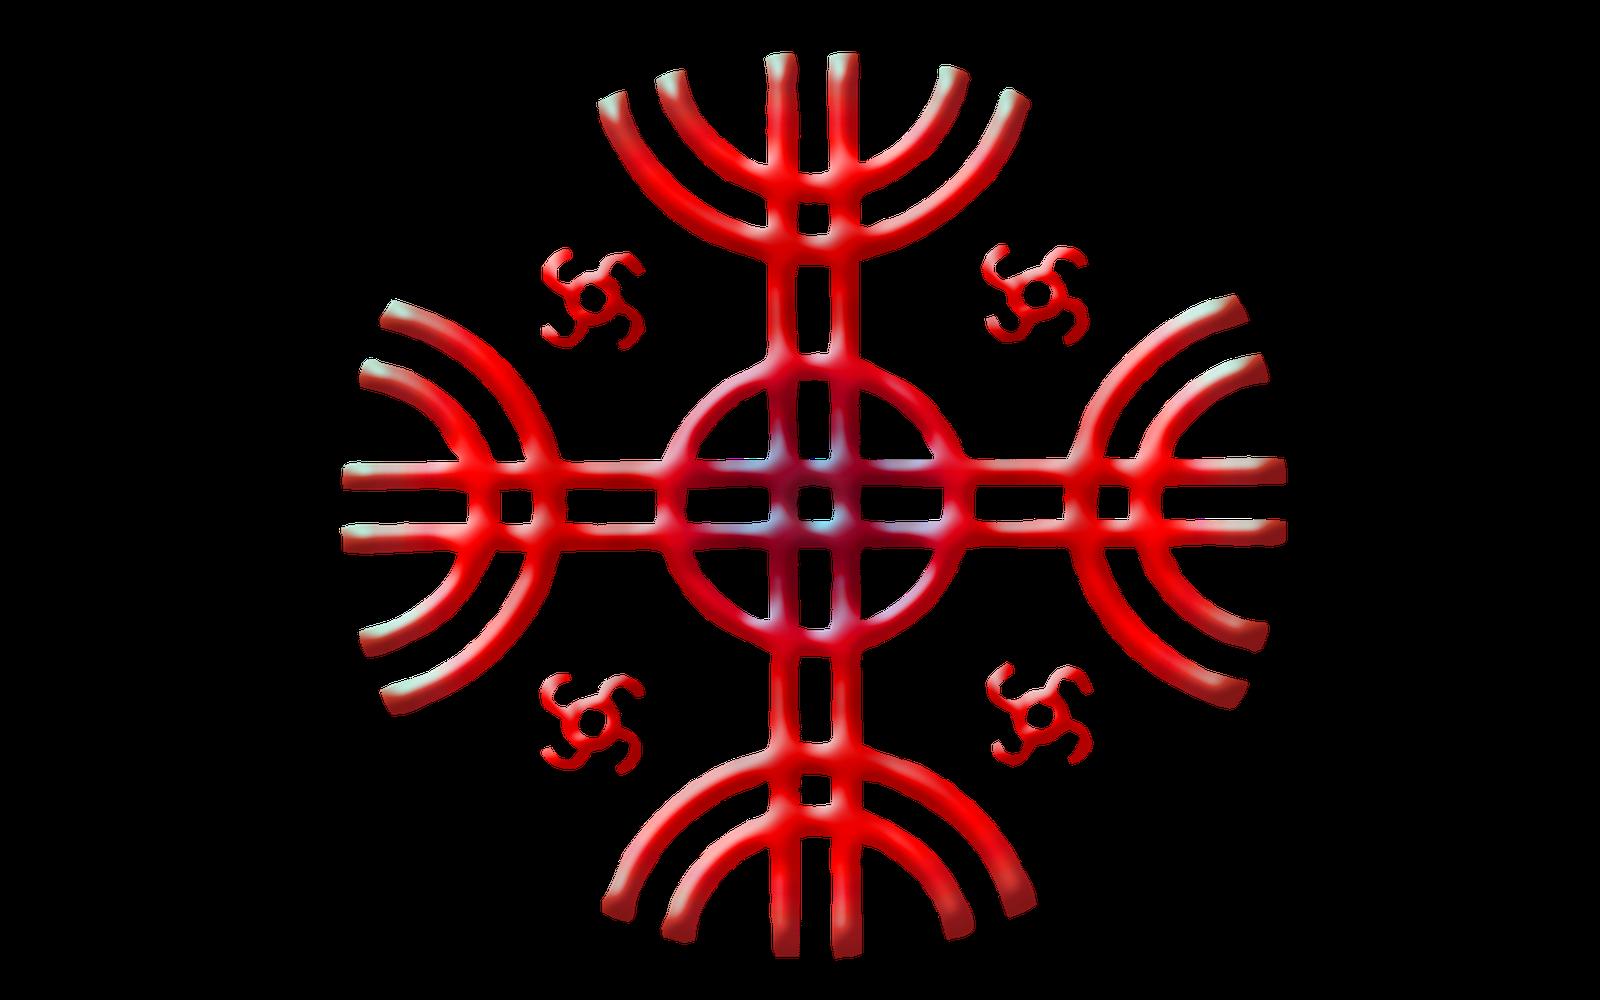 DESEÑO MAPUCHE - MELI WITRAN MAPU- CULTRUM